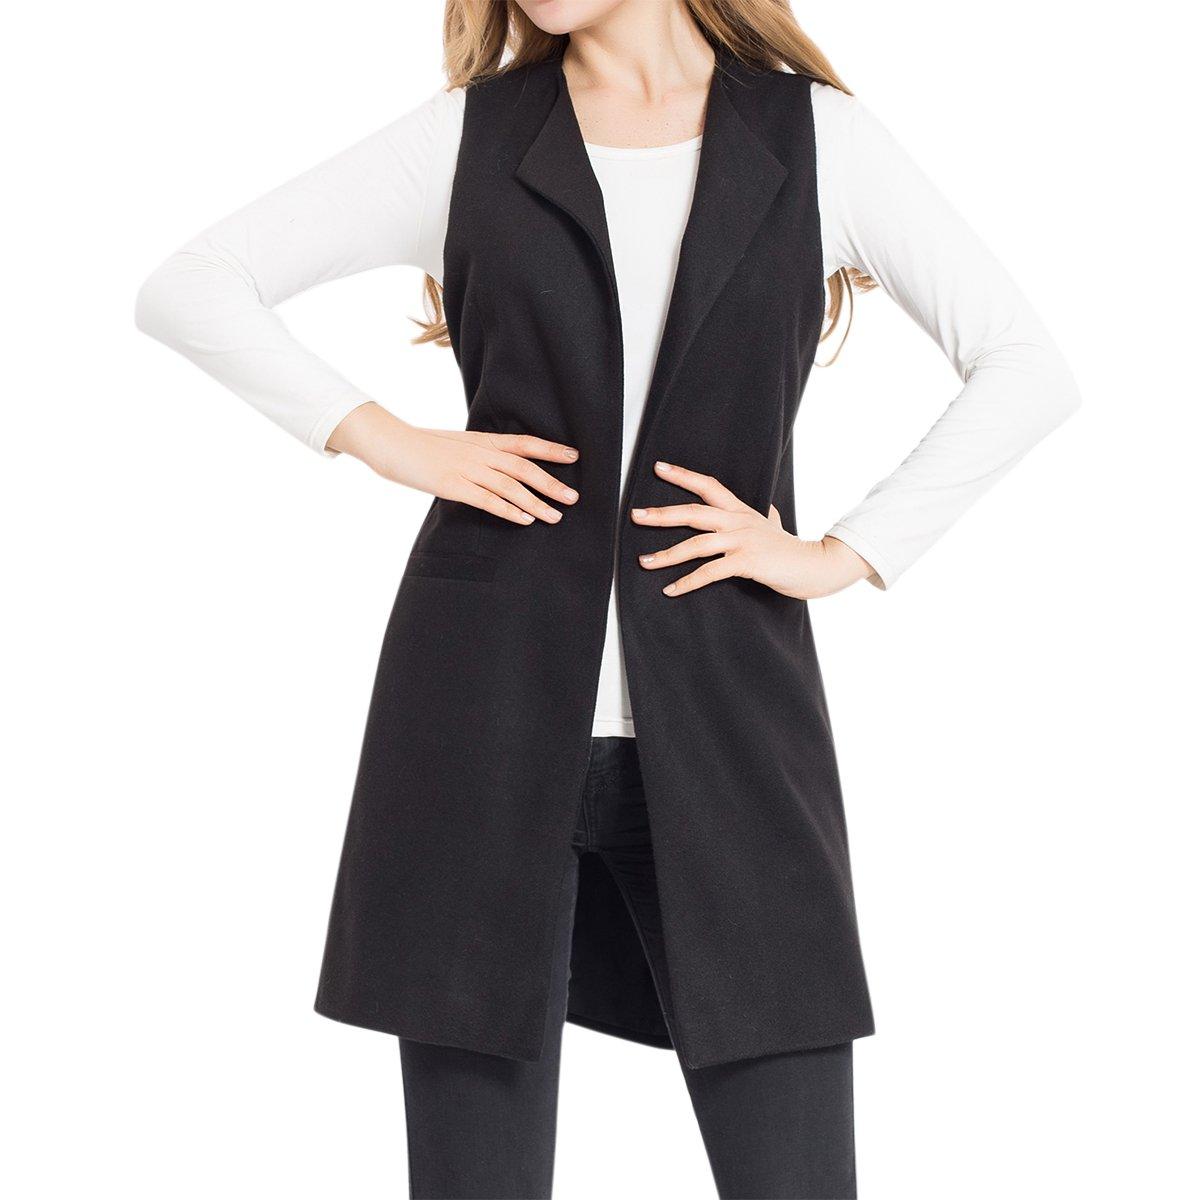 Cekaso Women's Blazer Vest Slim Fit Open Front Lapel Longline Solid Suit Vest Coat, Black, USsizeM=TagsizM